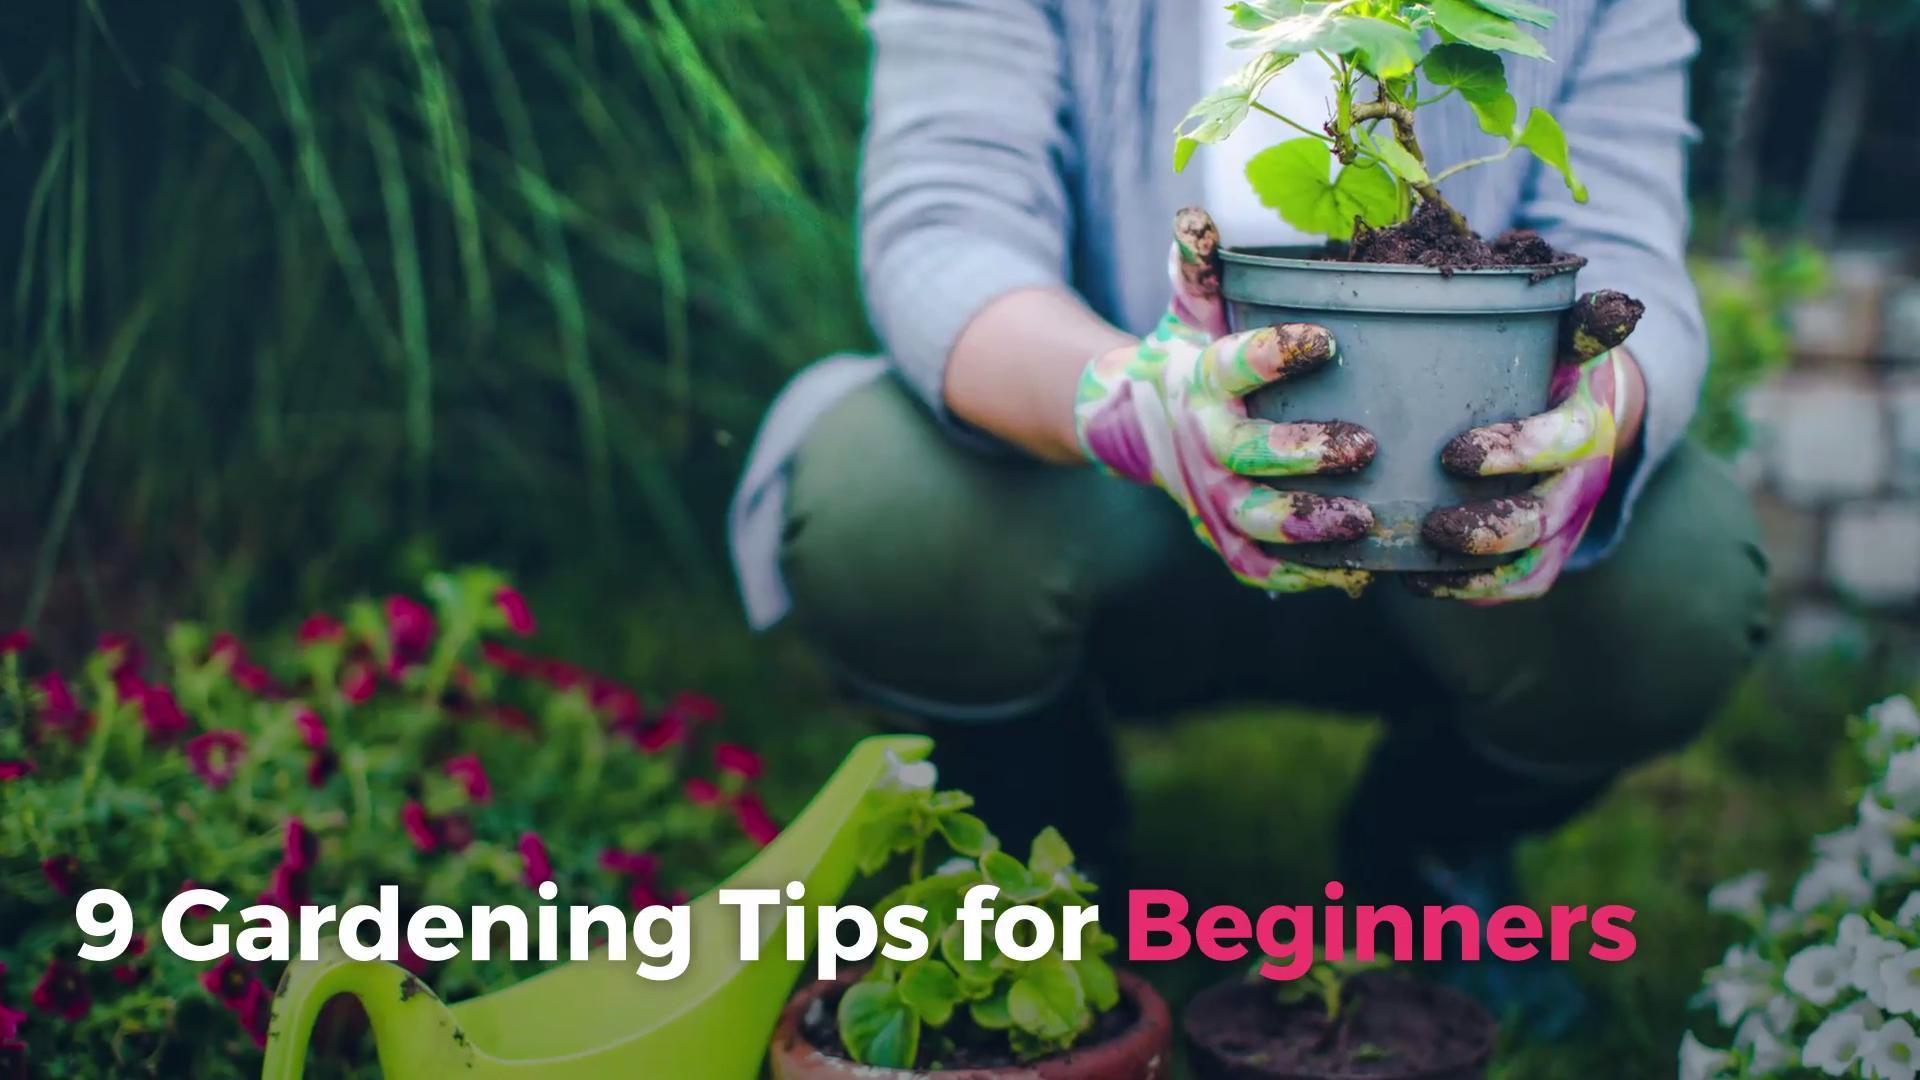 9 Gardening Tips for Beginners